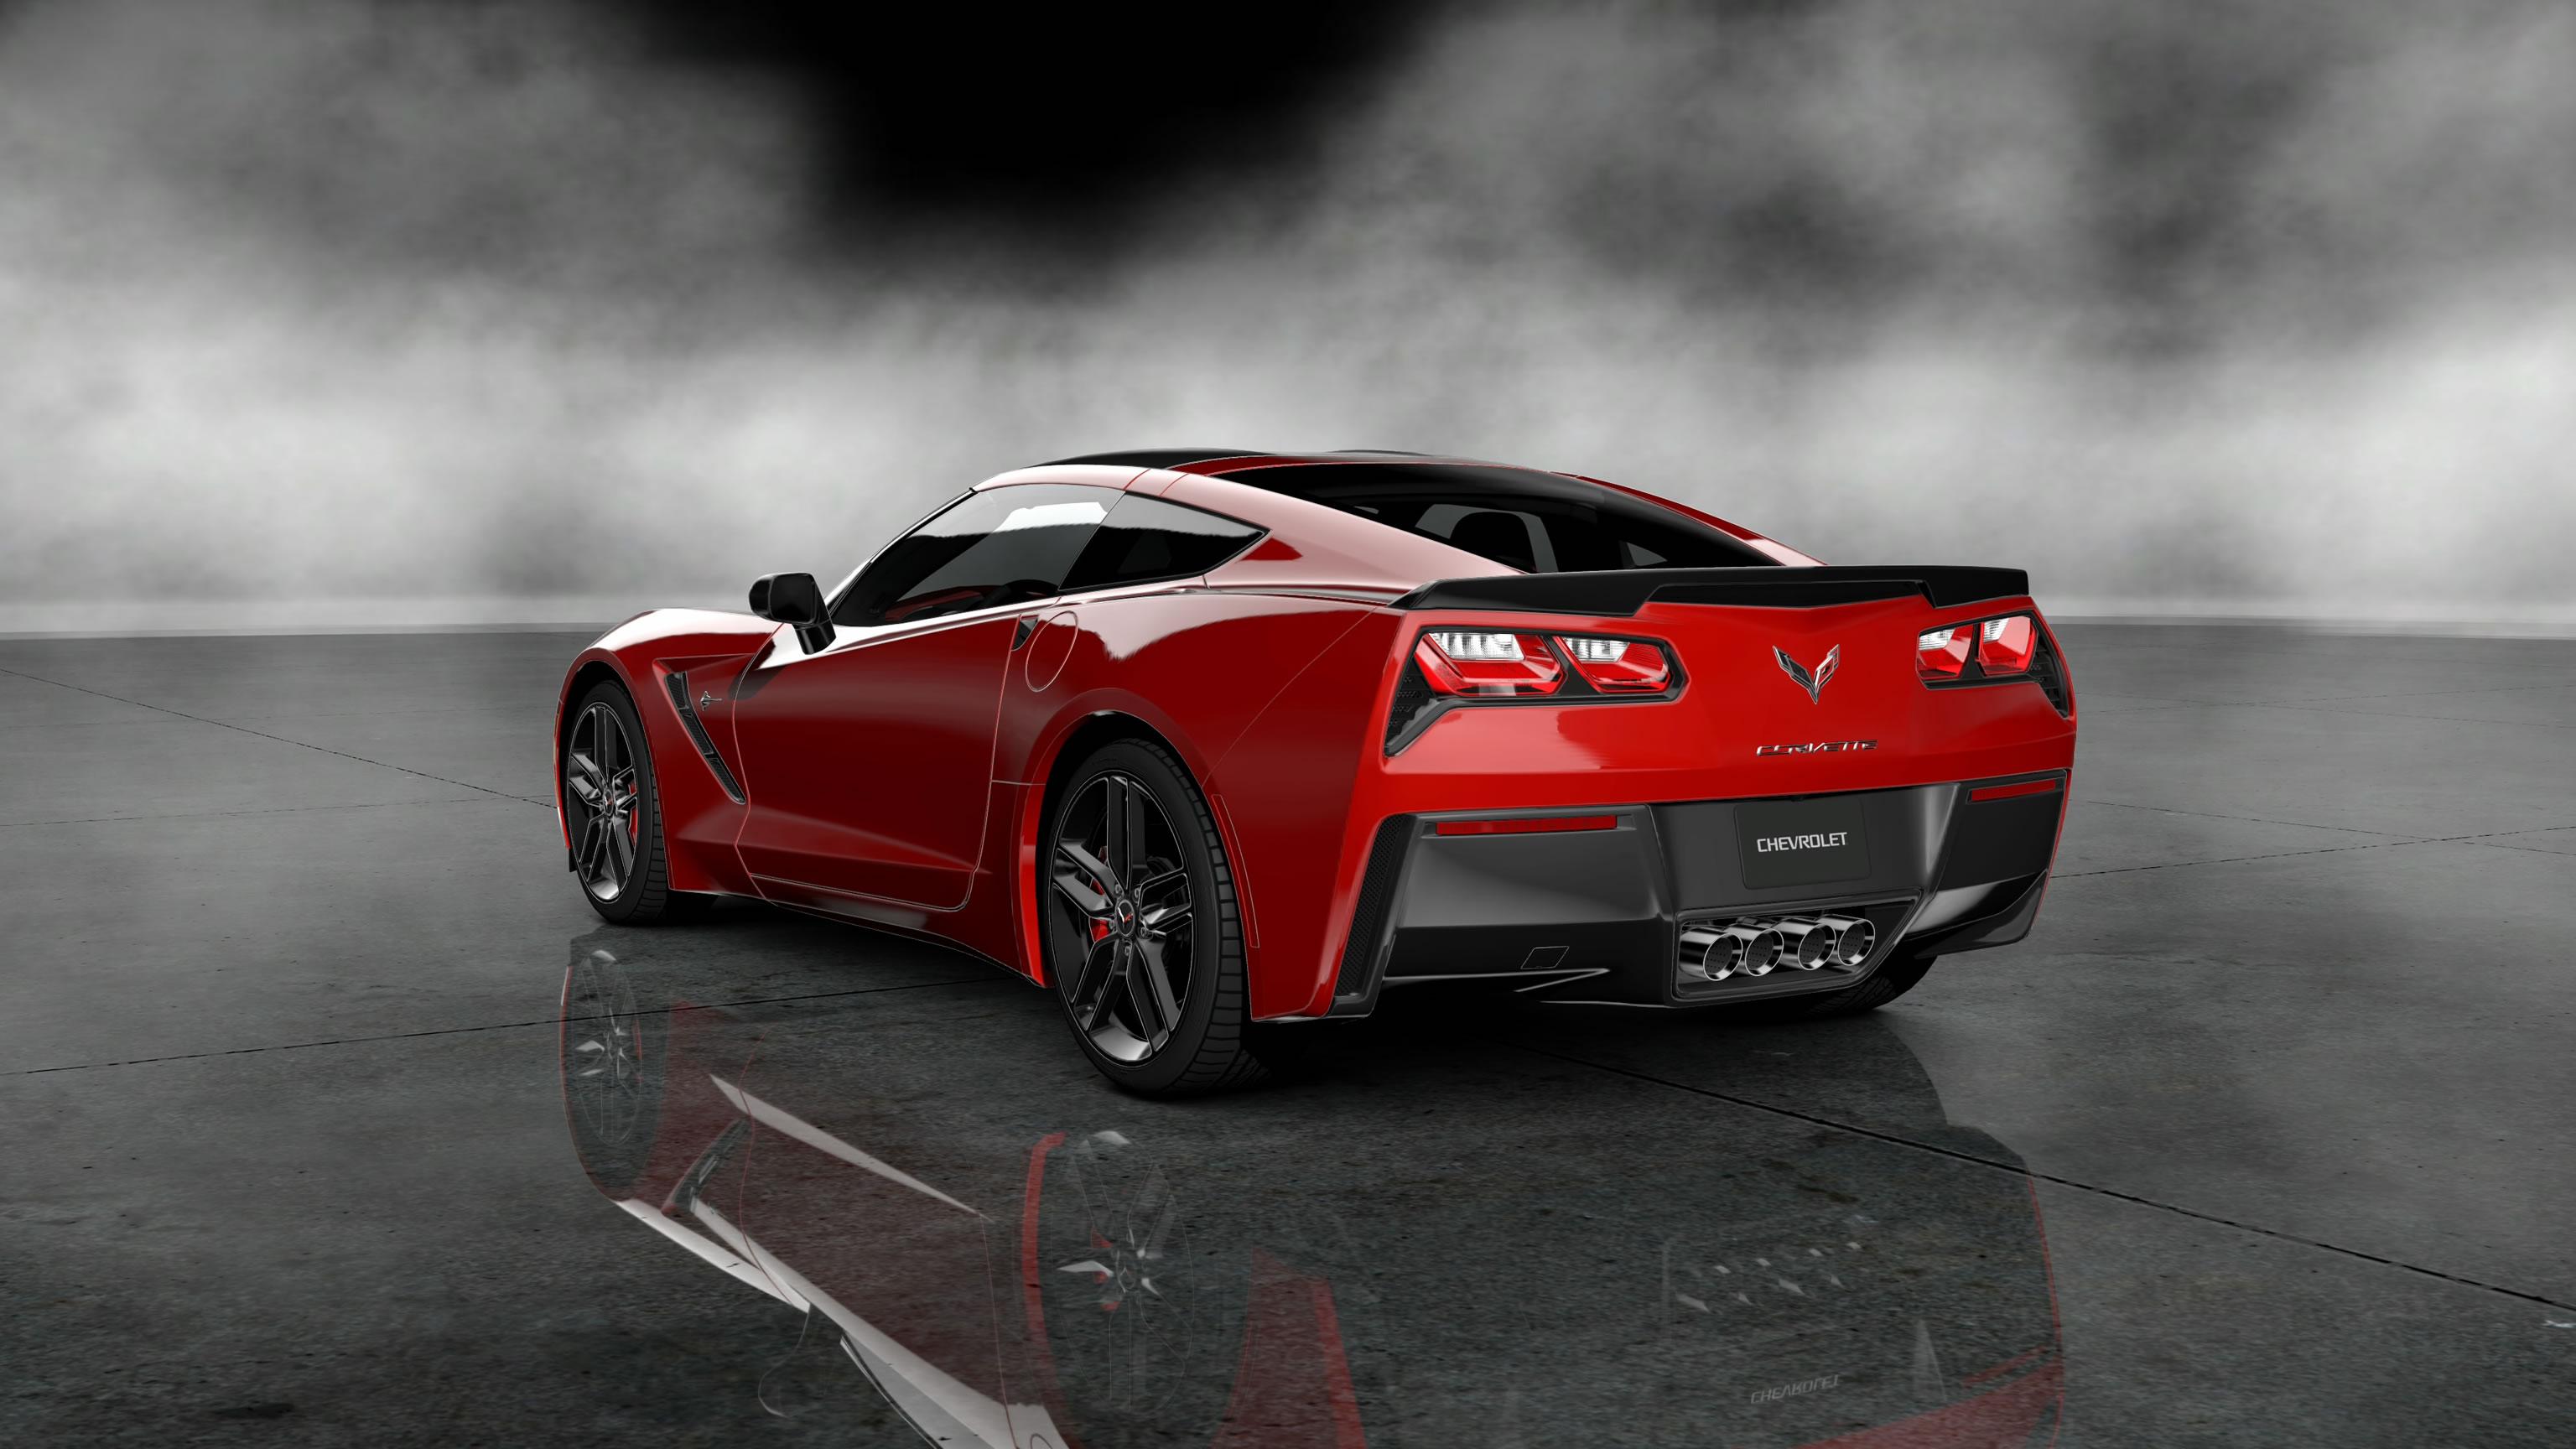 Download Red Corvette Car Year 2014 HD Wallpaper Car Wallpapers 3072x1728